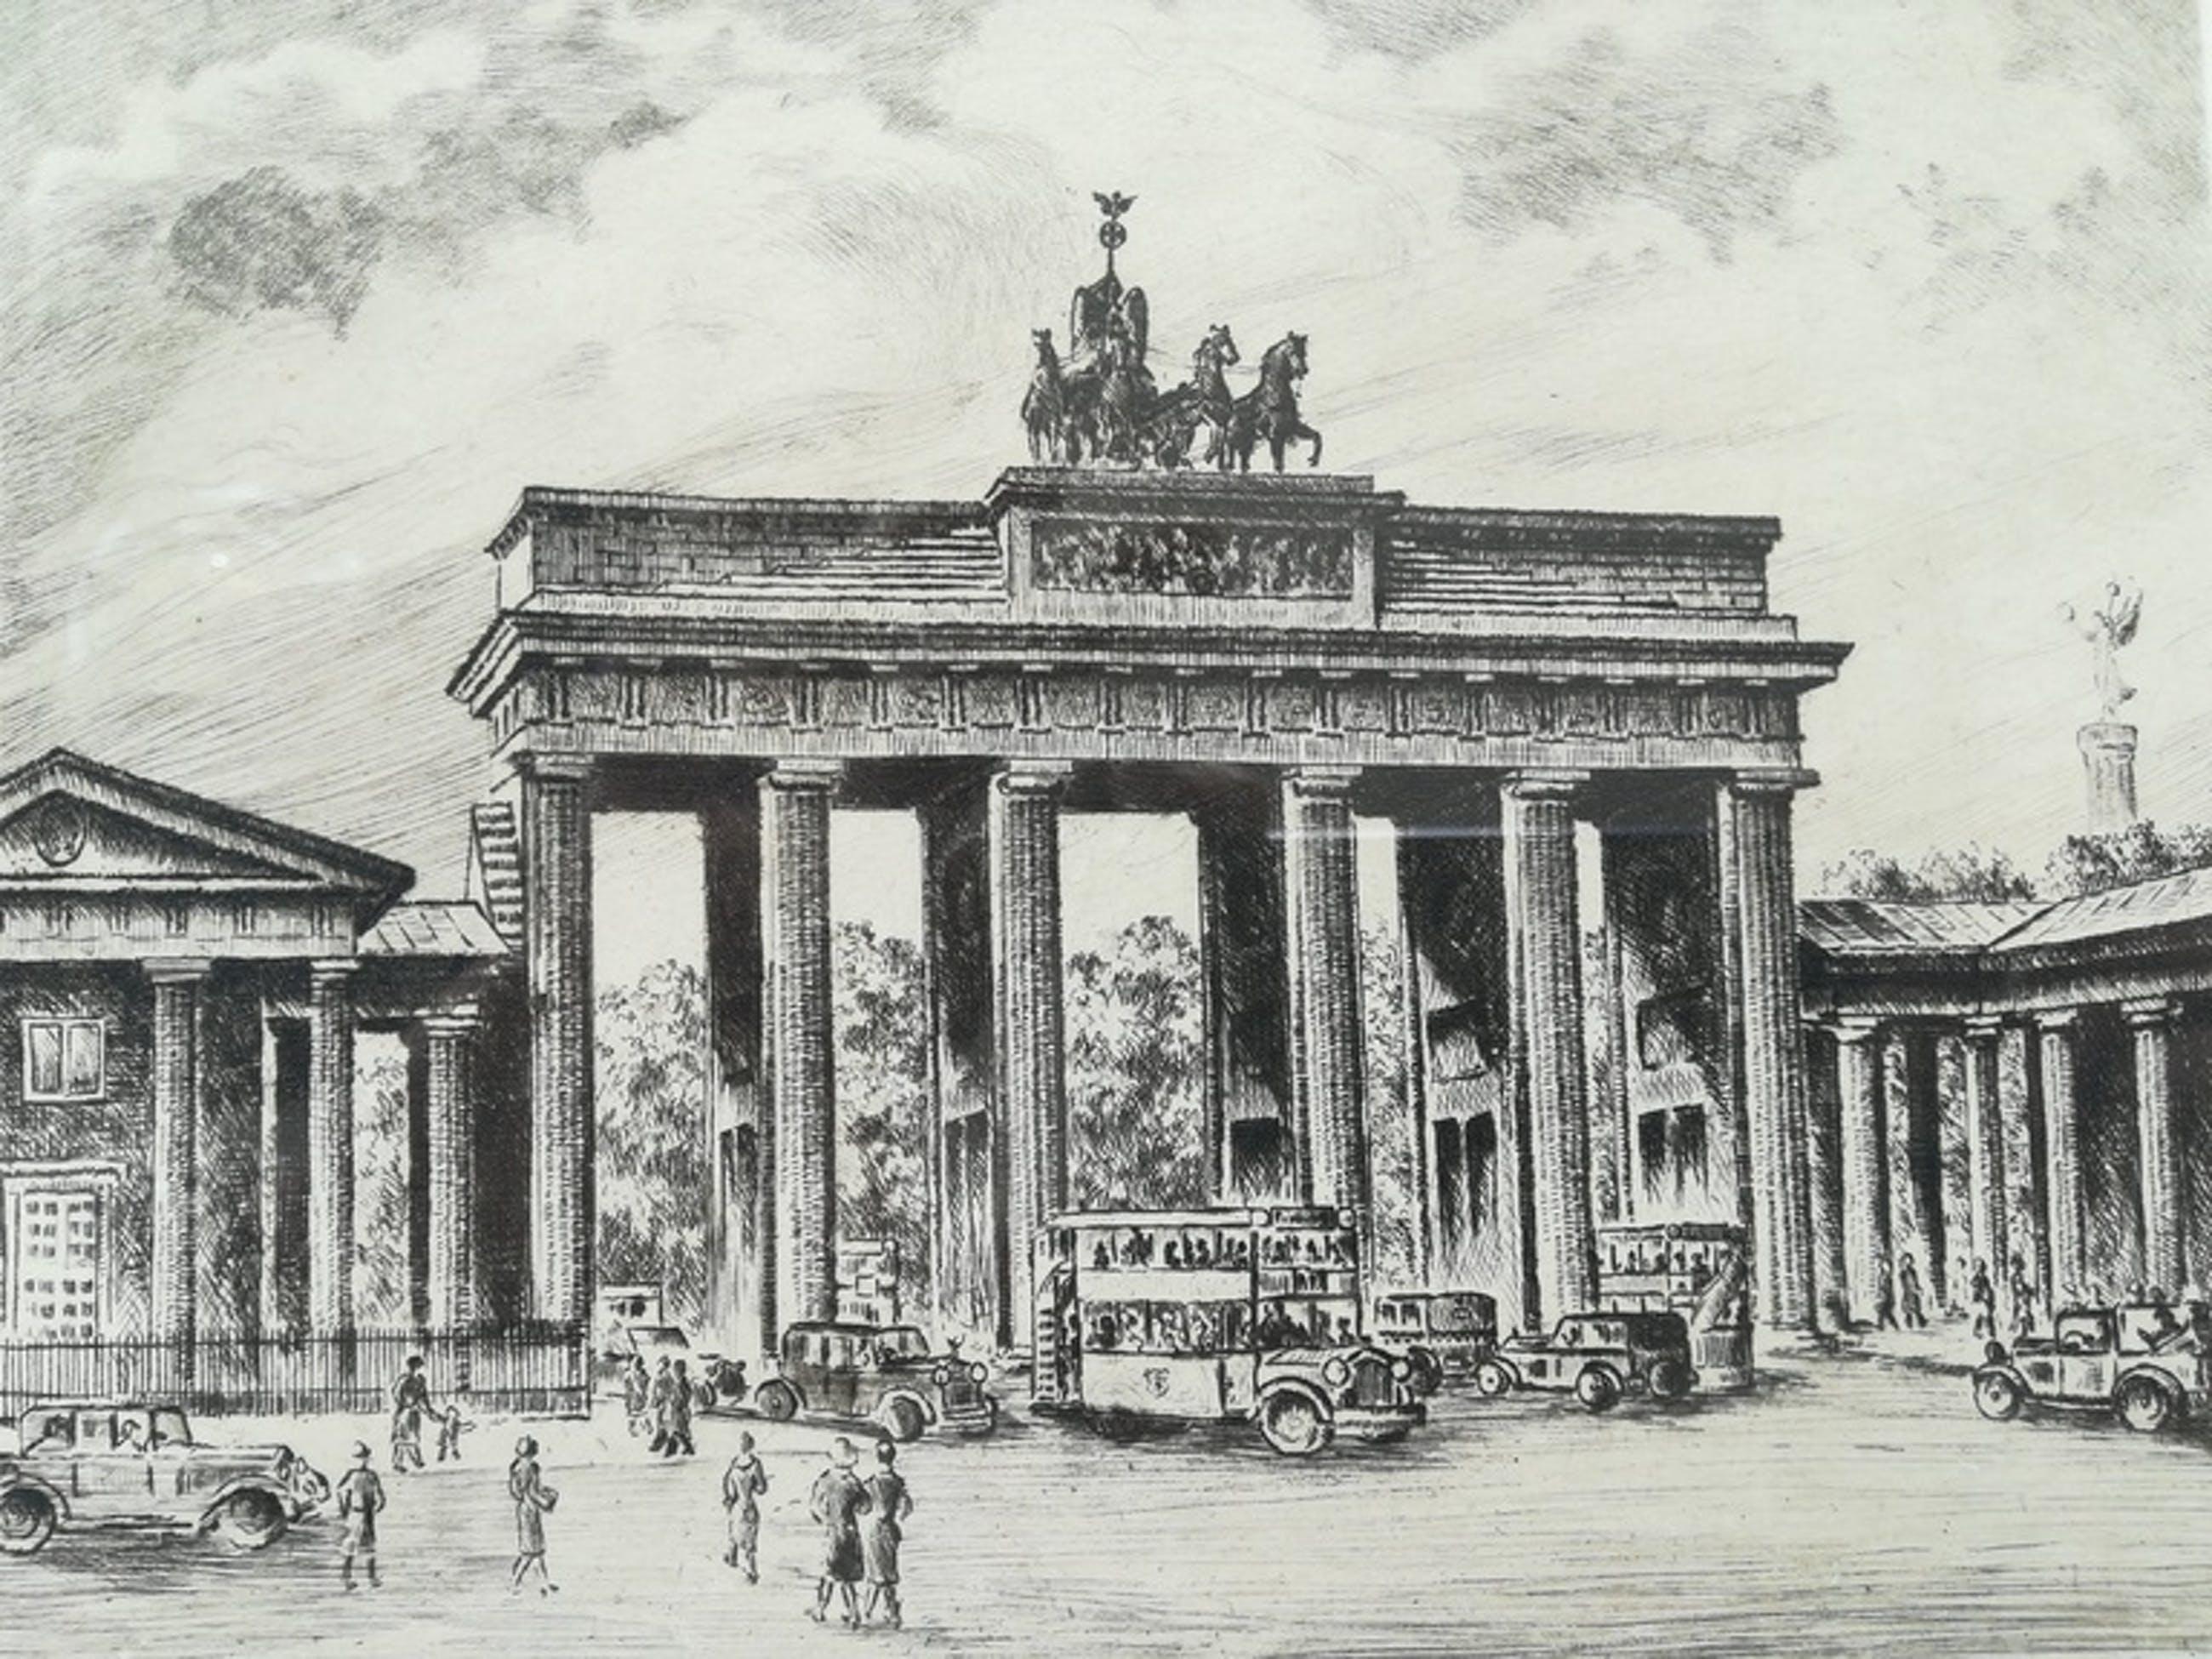 Onbekende kunstenaar, handgesigneerd ro. Ets, Berlin, Brandenburger Tor kopen? Bied vanaf 1!